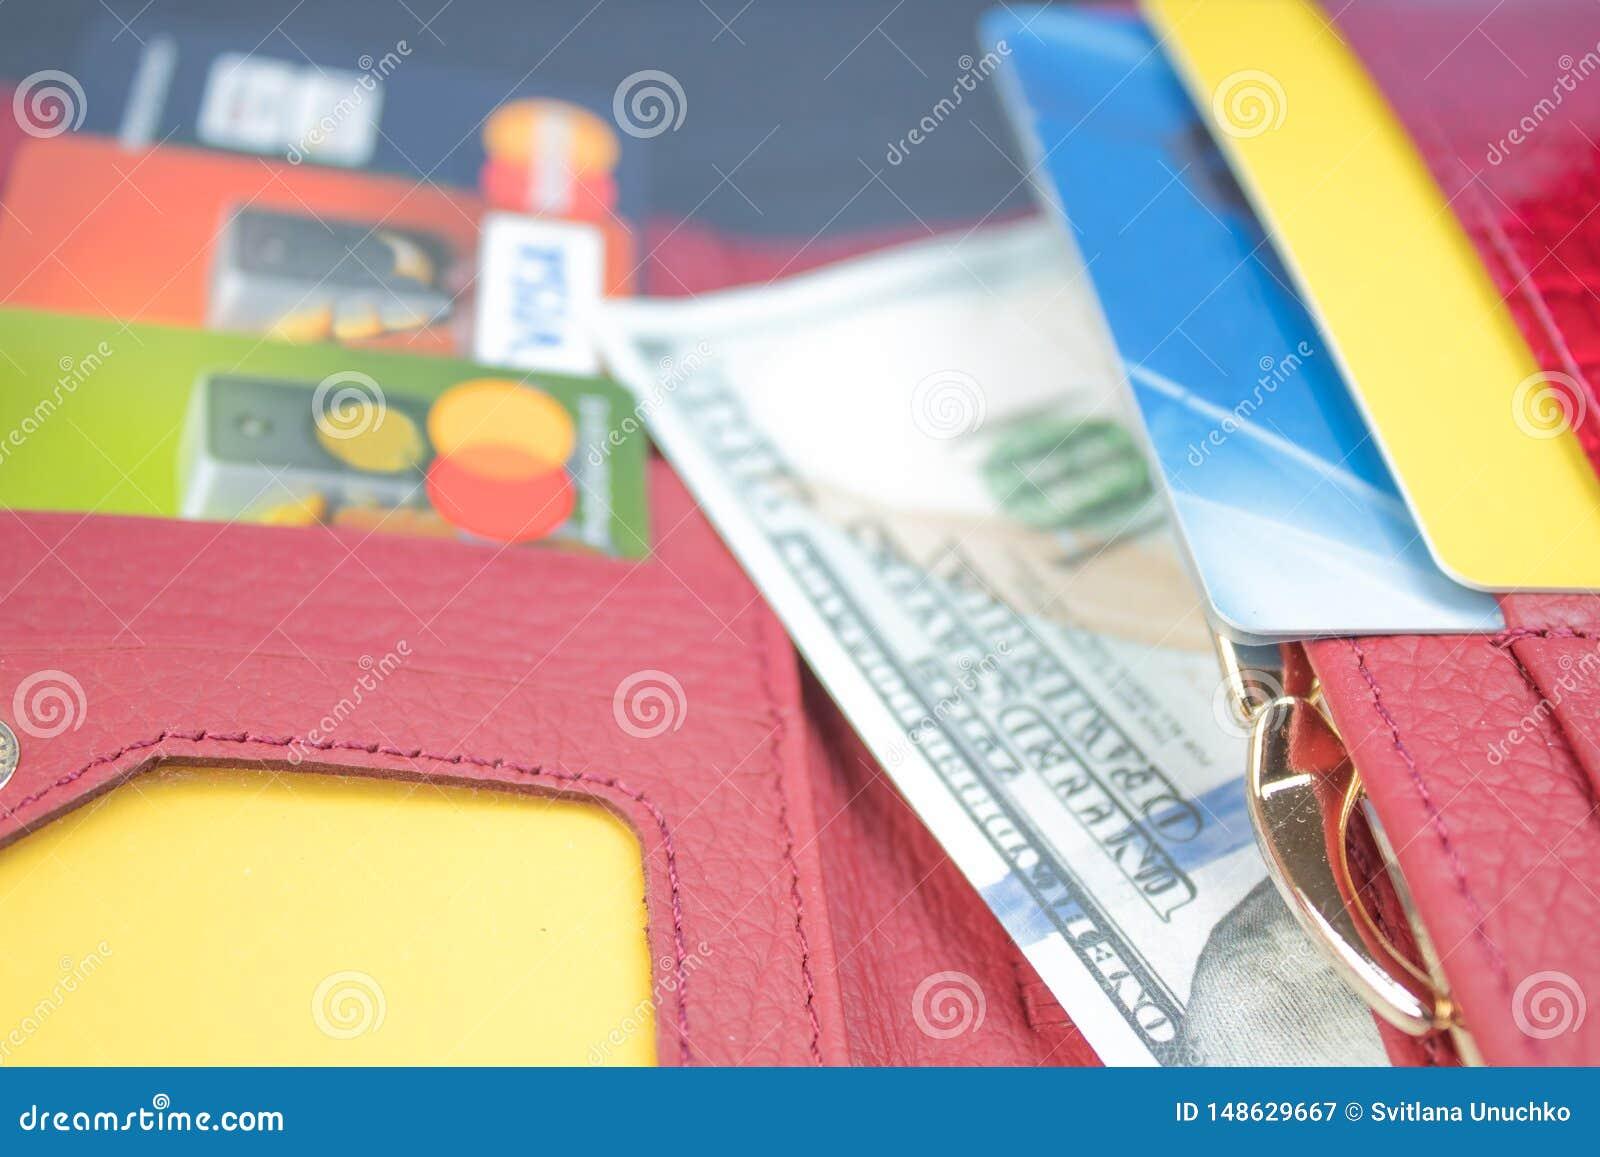 Portefeuille ouvert avec des cartes de banque et des billets d un dollar